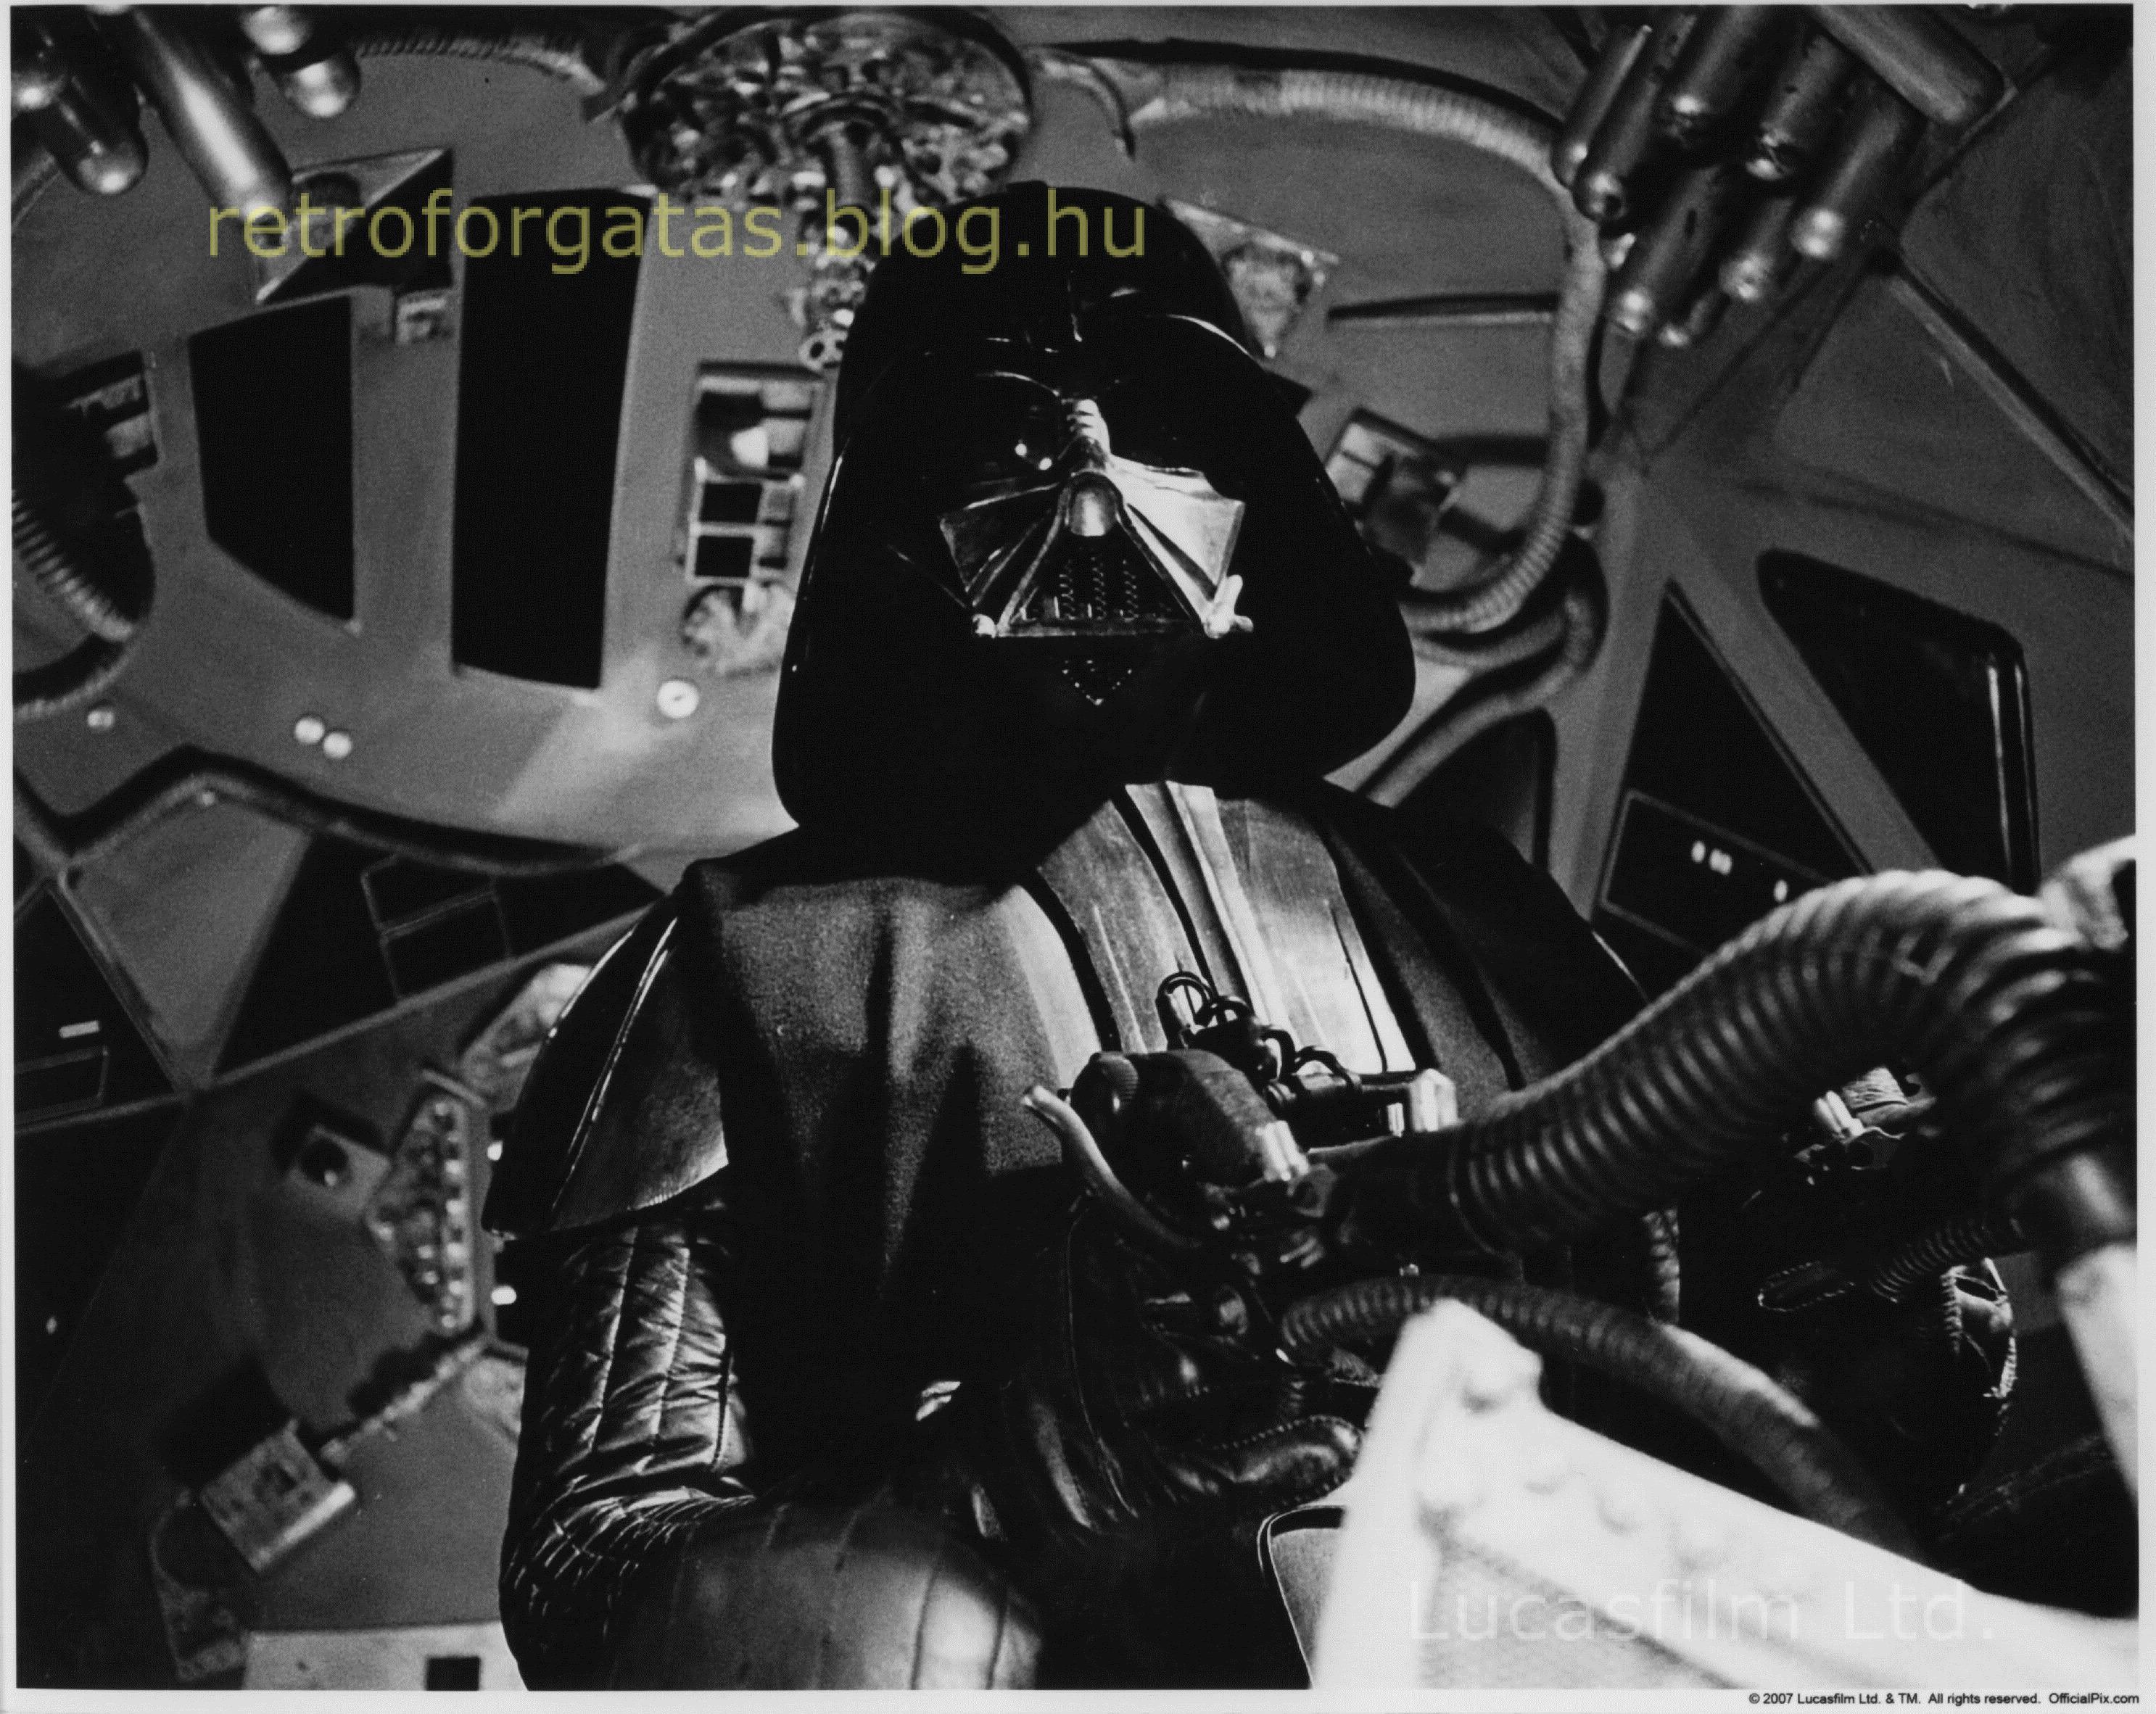 23-star-wars-behind-the-scenes.jpg